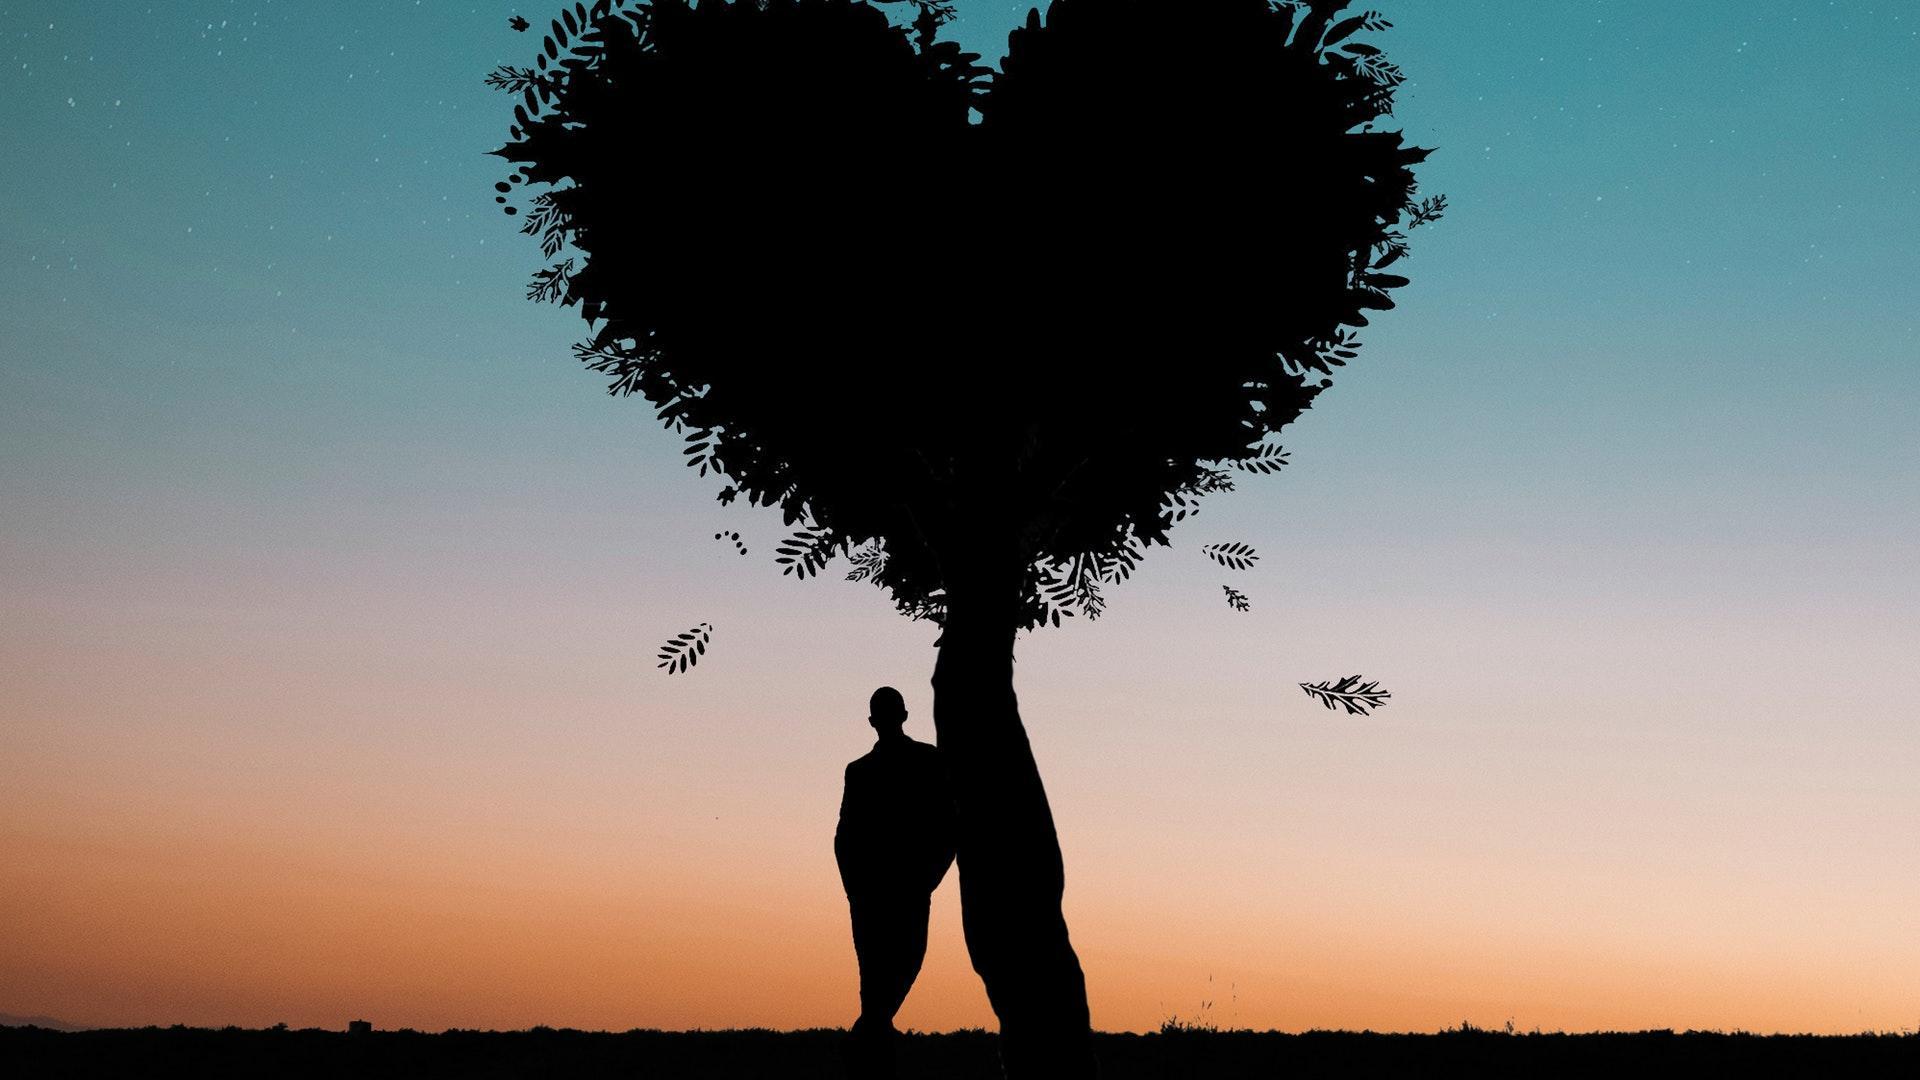 村上春树:对相爱的人来说,对方的心才是最好的房子